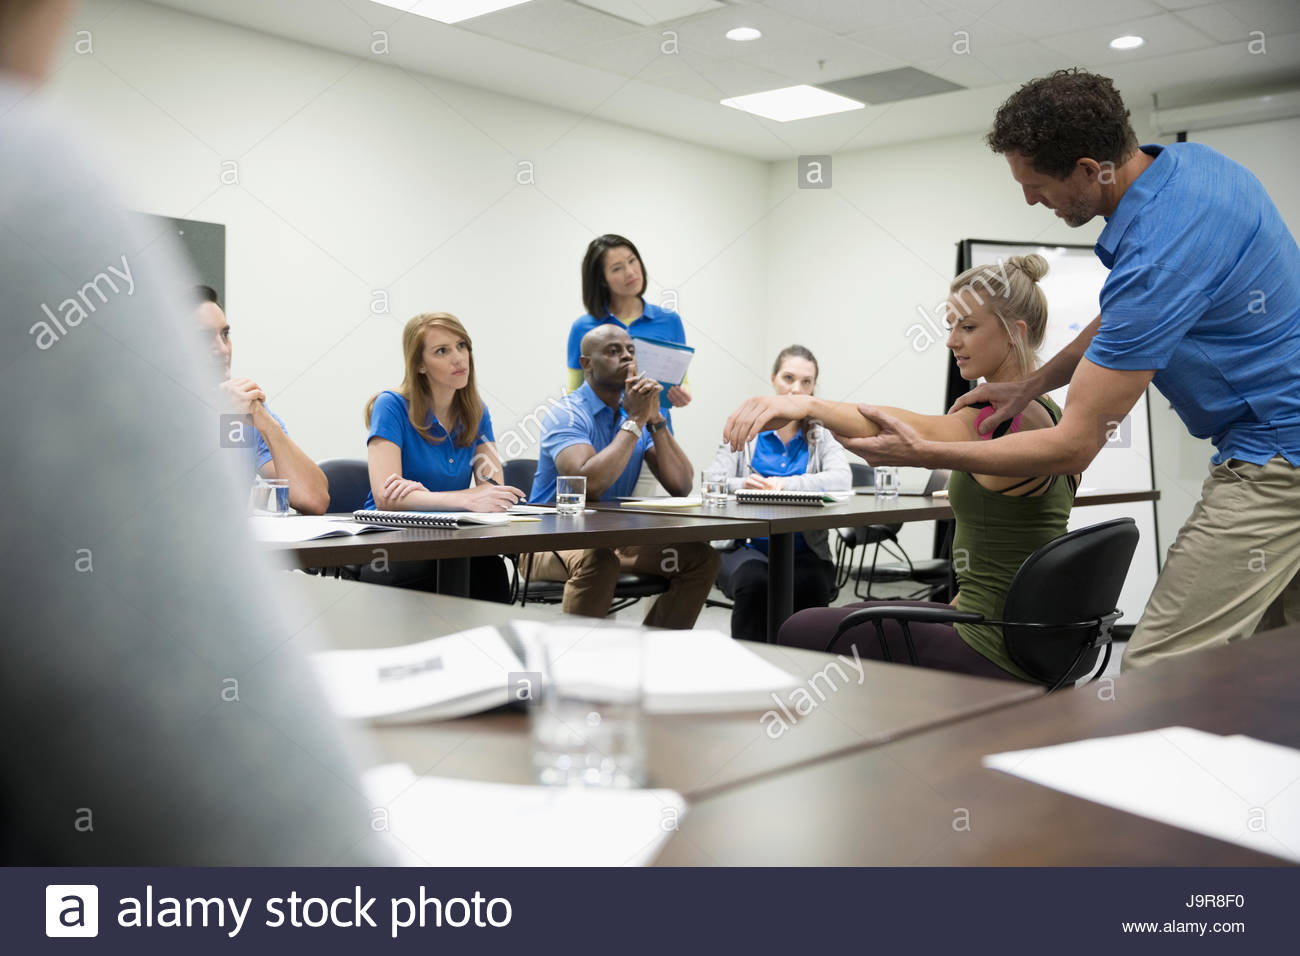 Los fisioterapeutas formación en la sala reunión Imagen De Stock